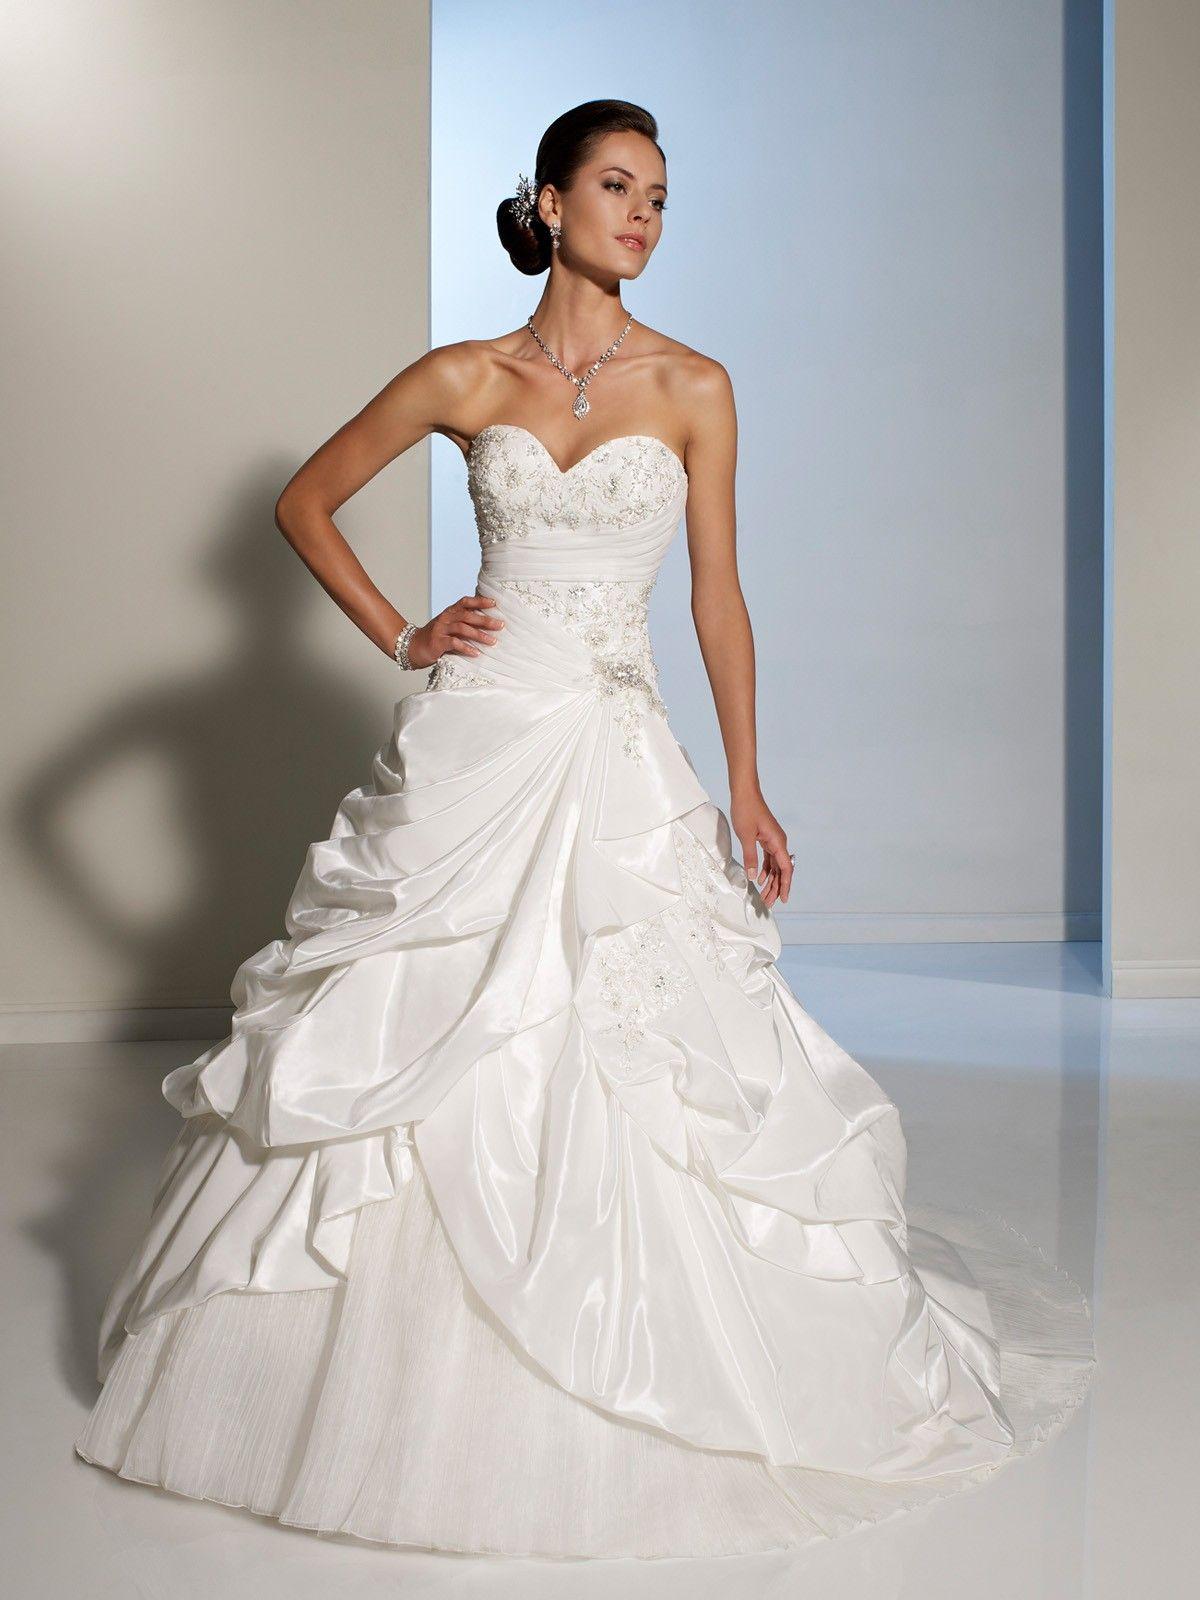 White Dresses for Weddings